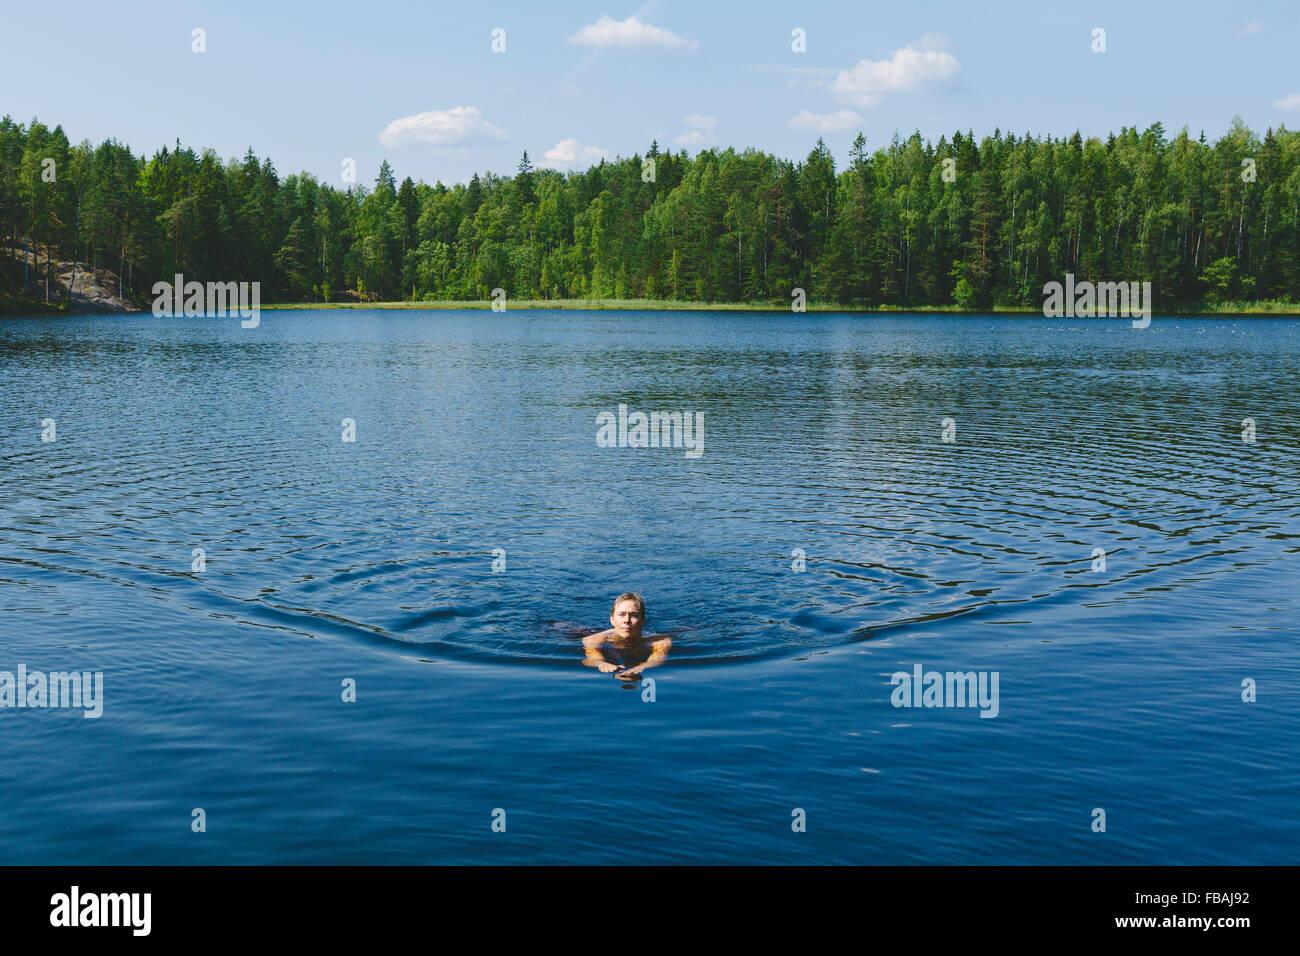 Finlandia, Uusimaa, Espoo, Lago Kvarntrask, giovane di nuoto nel lago Immagini Stock